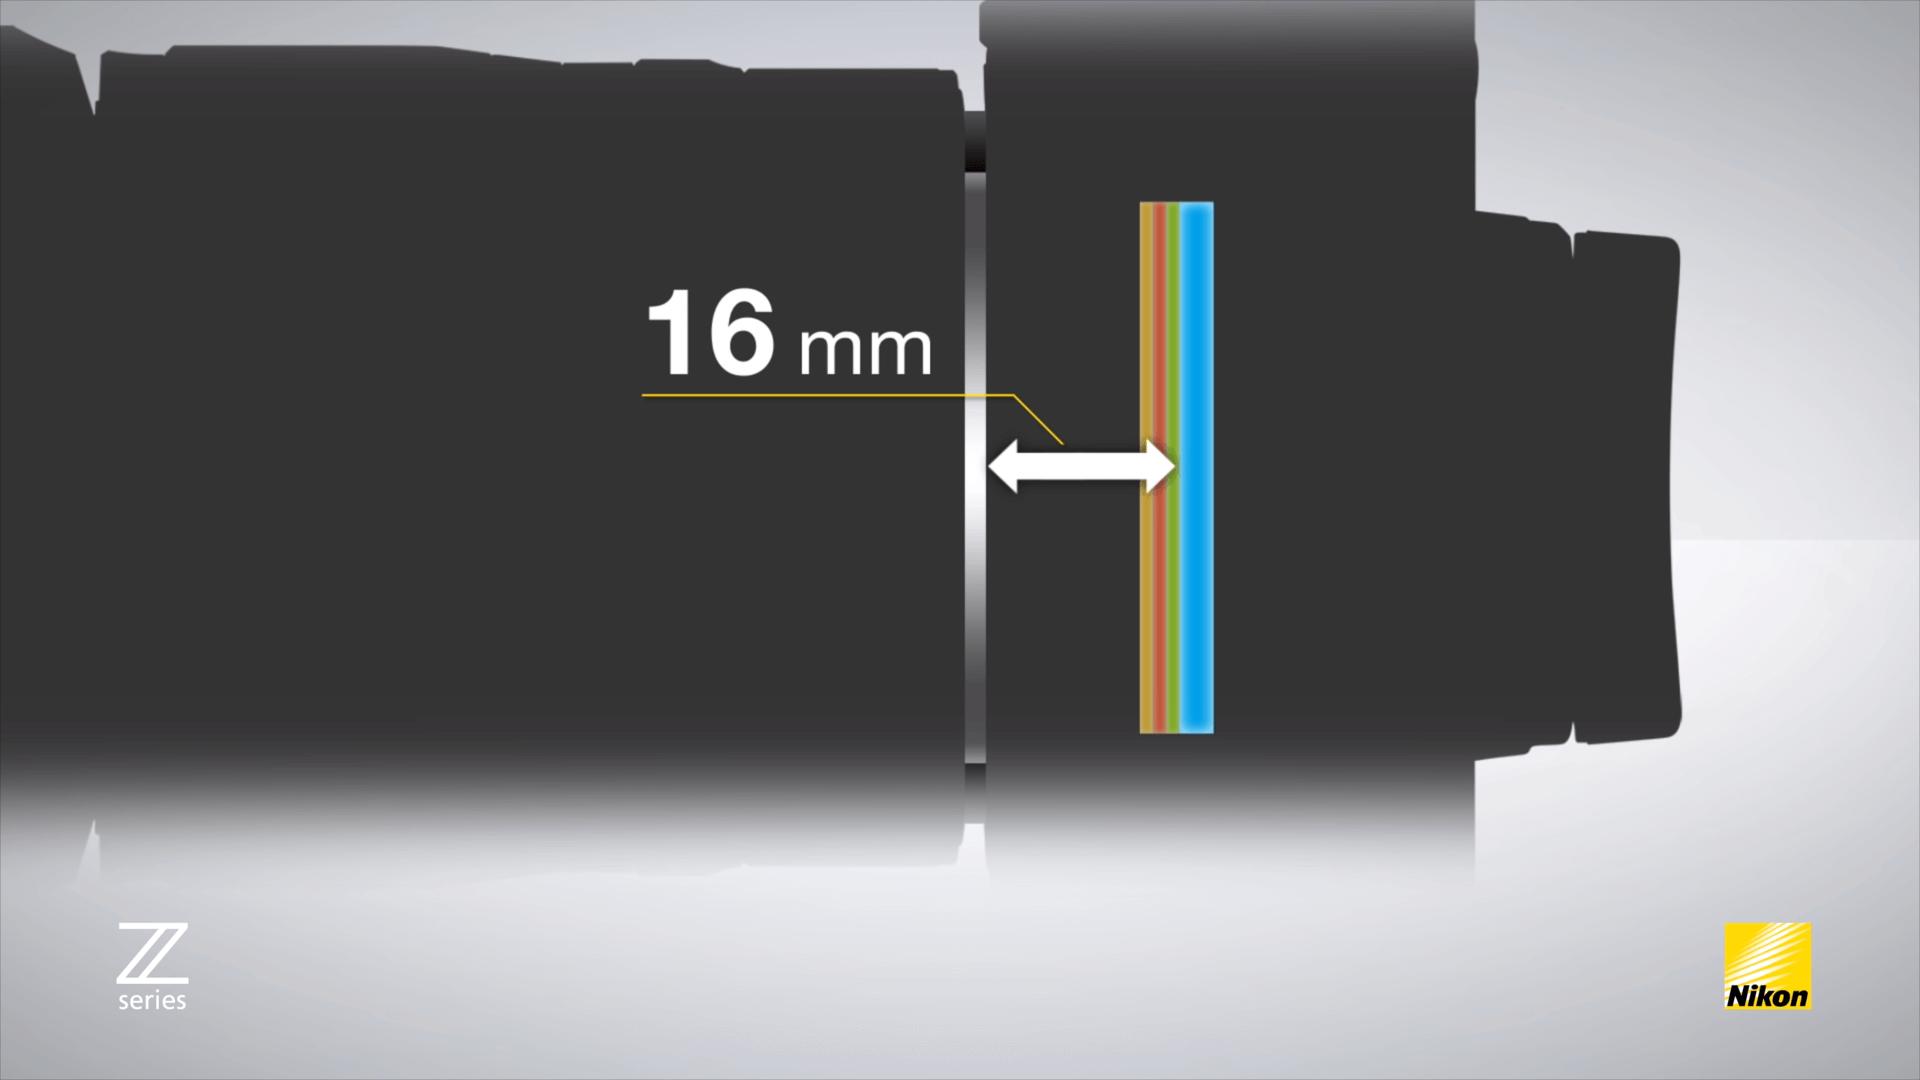 Captura de Tela 205 - Nikon anuncia câmeras mirrorless full-frame com novo sistema Z-mount